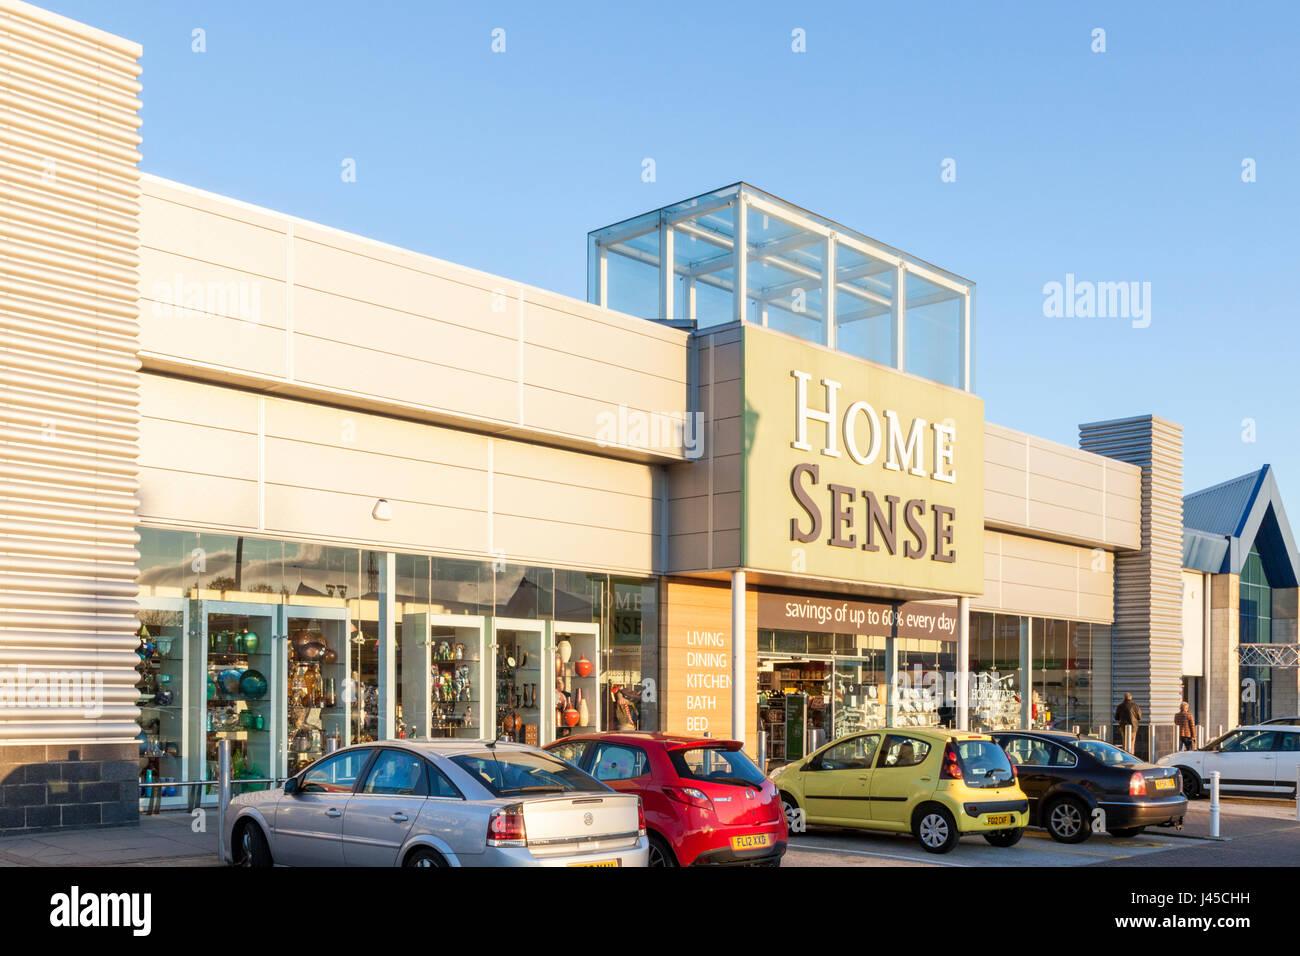 Home senso, castle marina retail park, Nottingham, Inghilterra, Regno Unito Immagini Stock